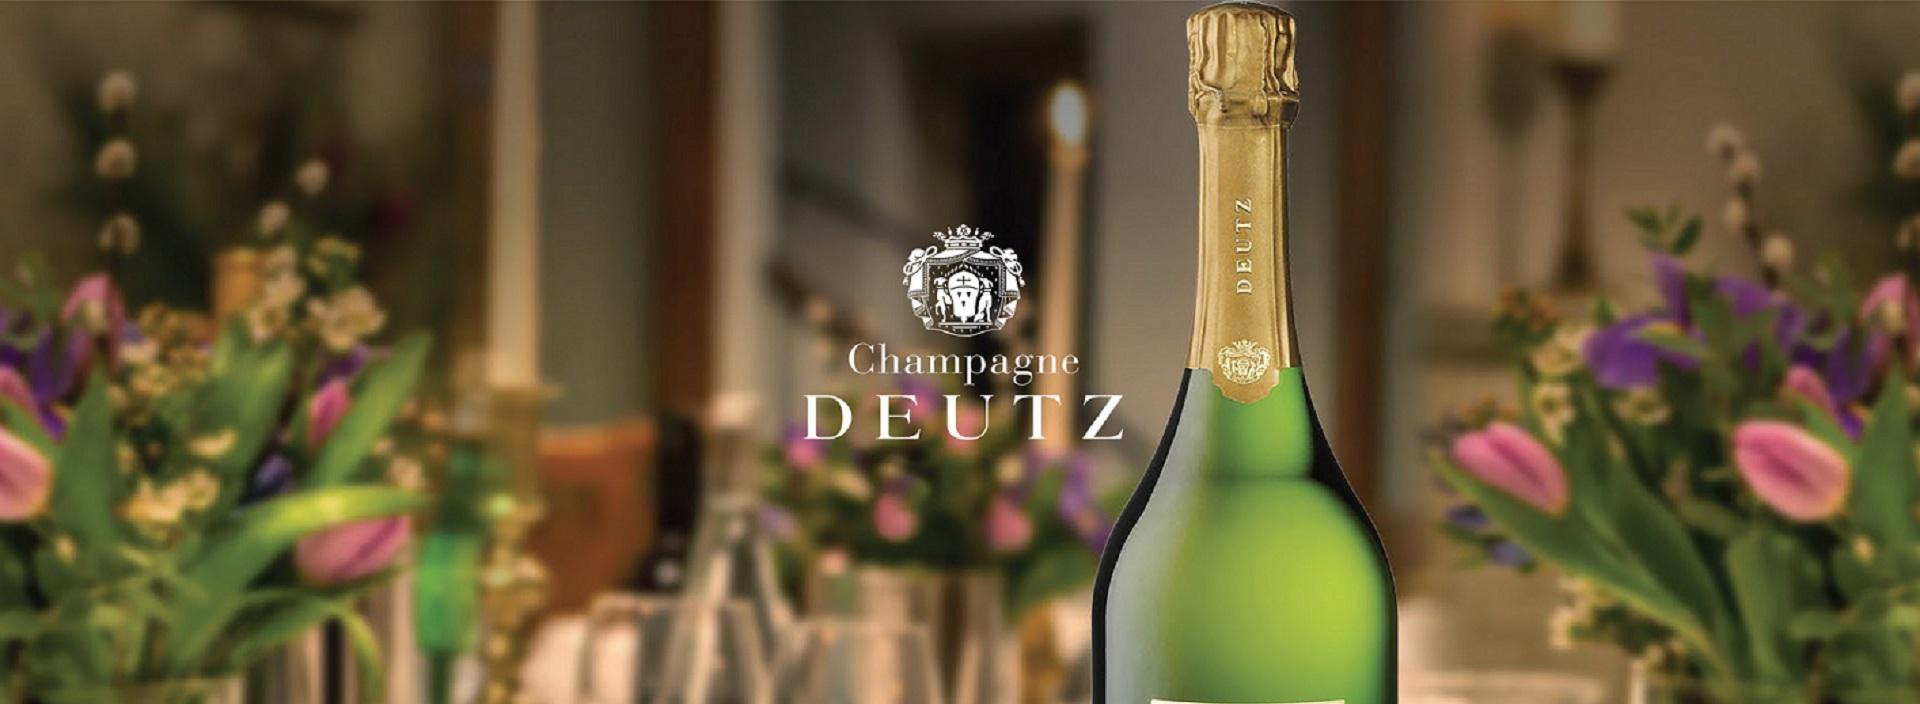 """Le restaurant L'Auberge à Chambésy & les champagnes Deutz organisent une soirée thématique au restaurant . """"Soirée Accord mets et champagne """" le 28.11.2019"""